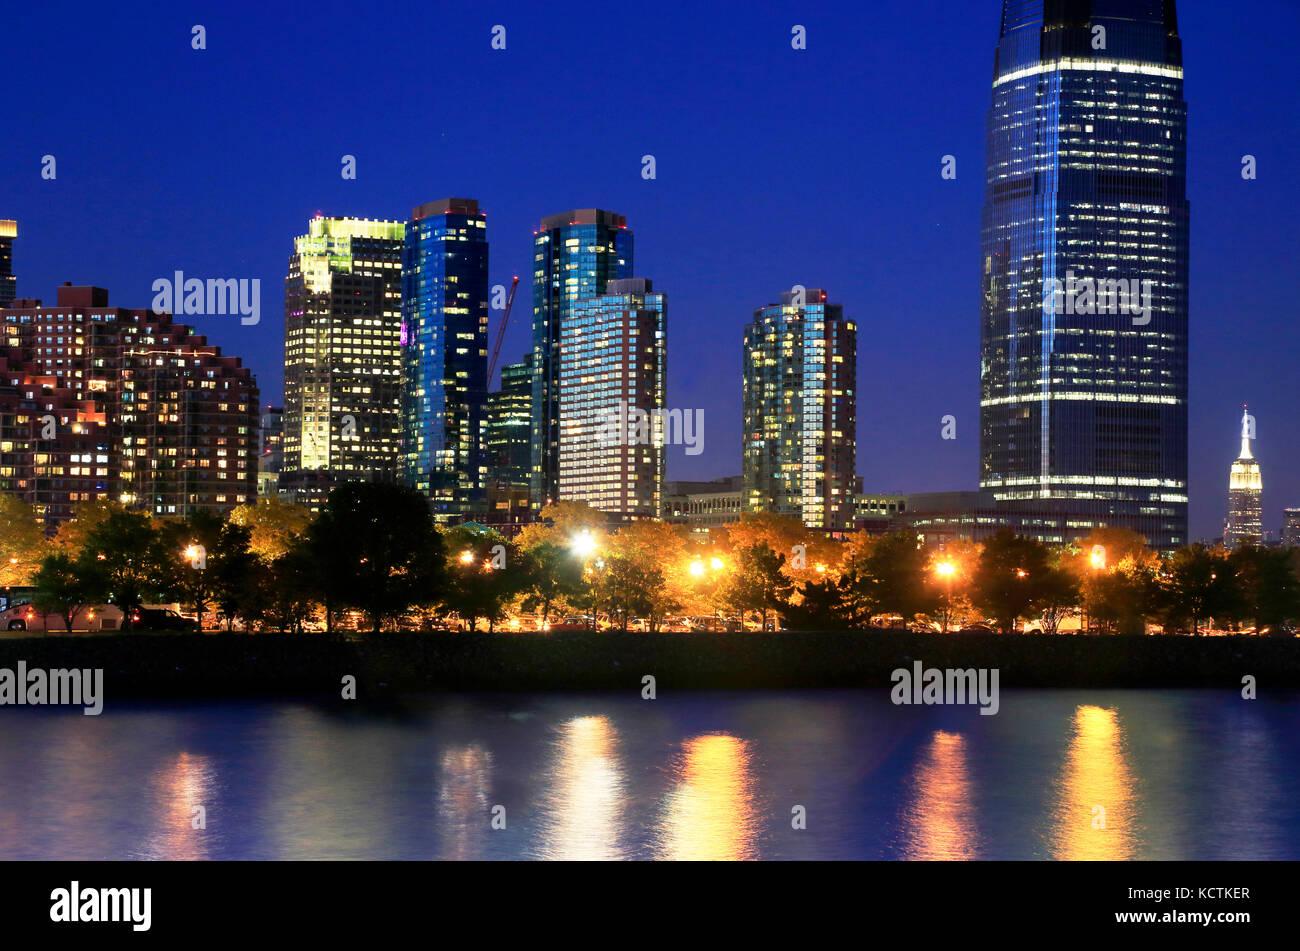 Vue de la nuit de Jersey City skyline avec Goldman Sachs &co et tour d'horizon de Manhattan en arrière Photo Stock